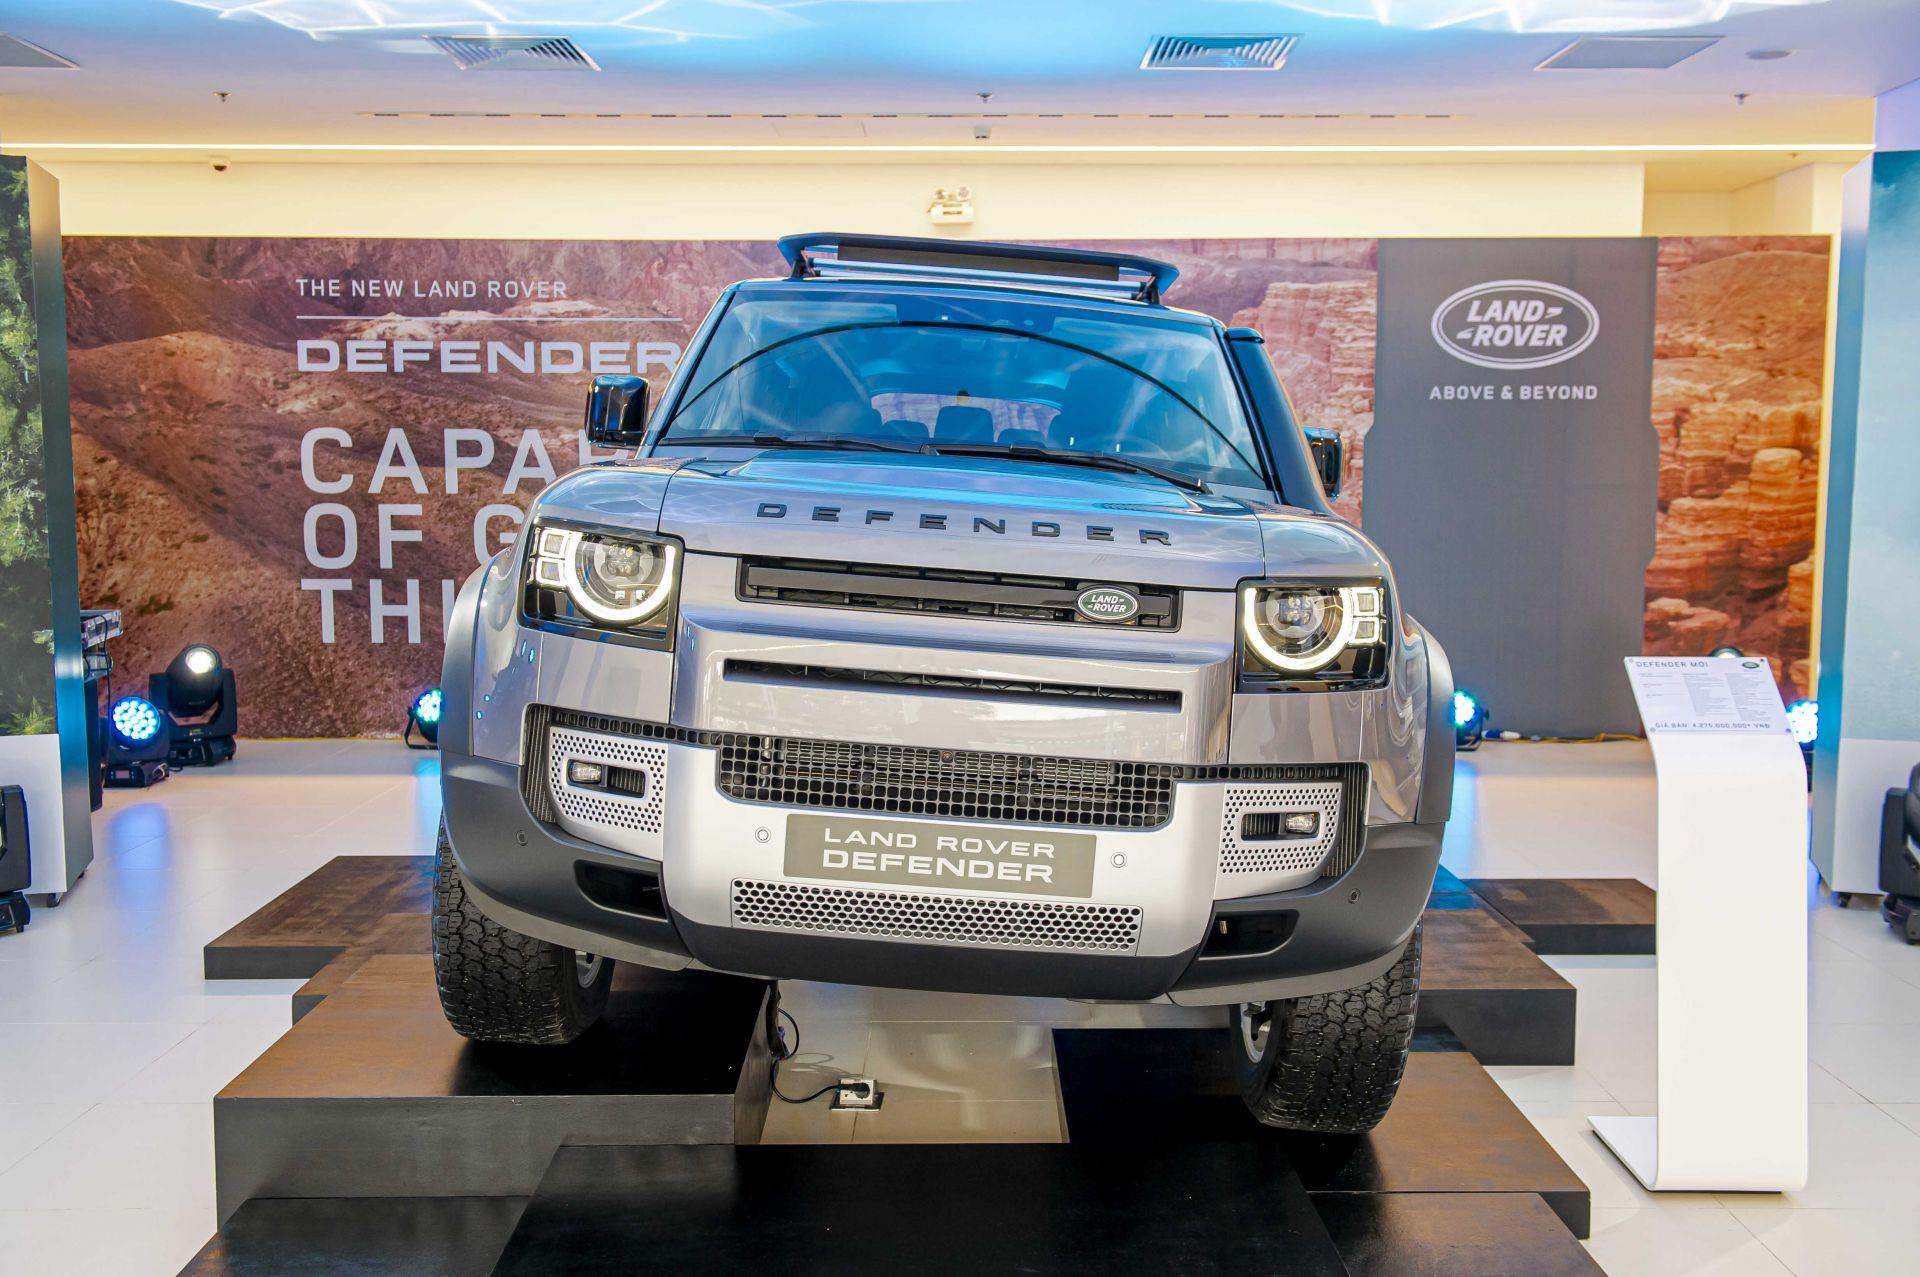 Cận cảnh Land Rover Defender 2020 vừa ra mắt tại đại lý ở Hà Nội -1